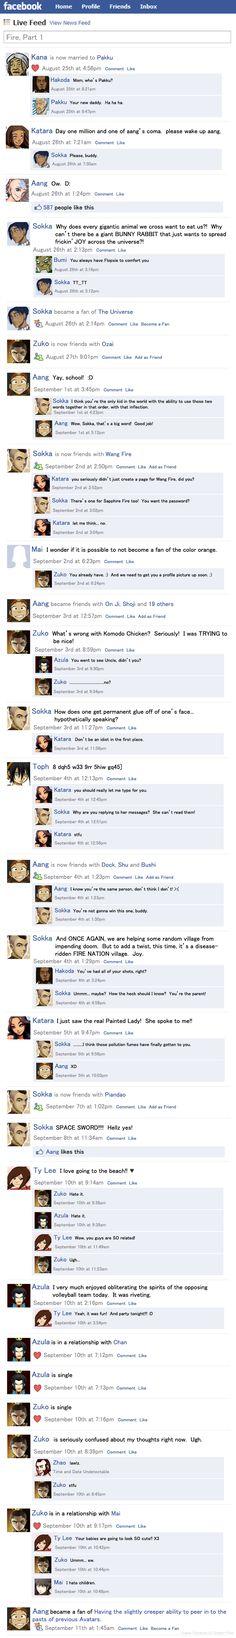 Avatar Facebook Fire Part 1 by Golden-Flute.deviantart.com